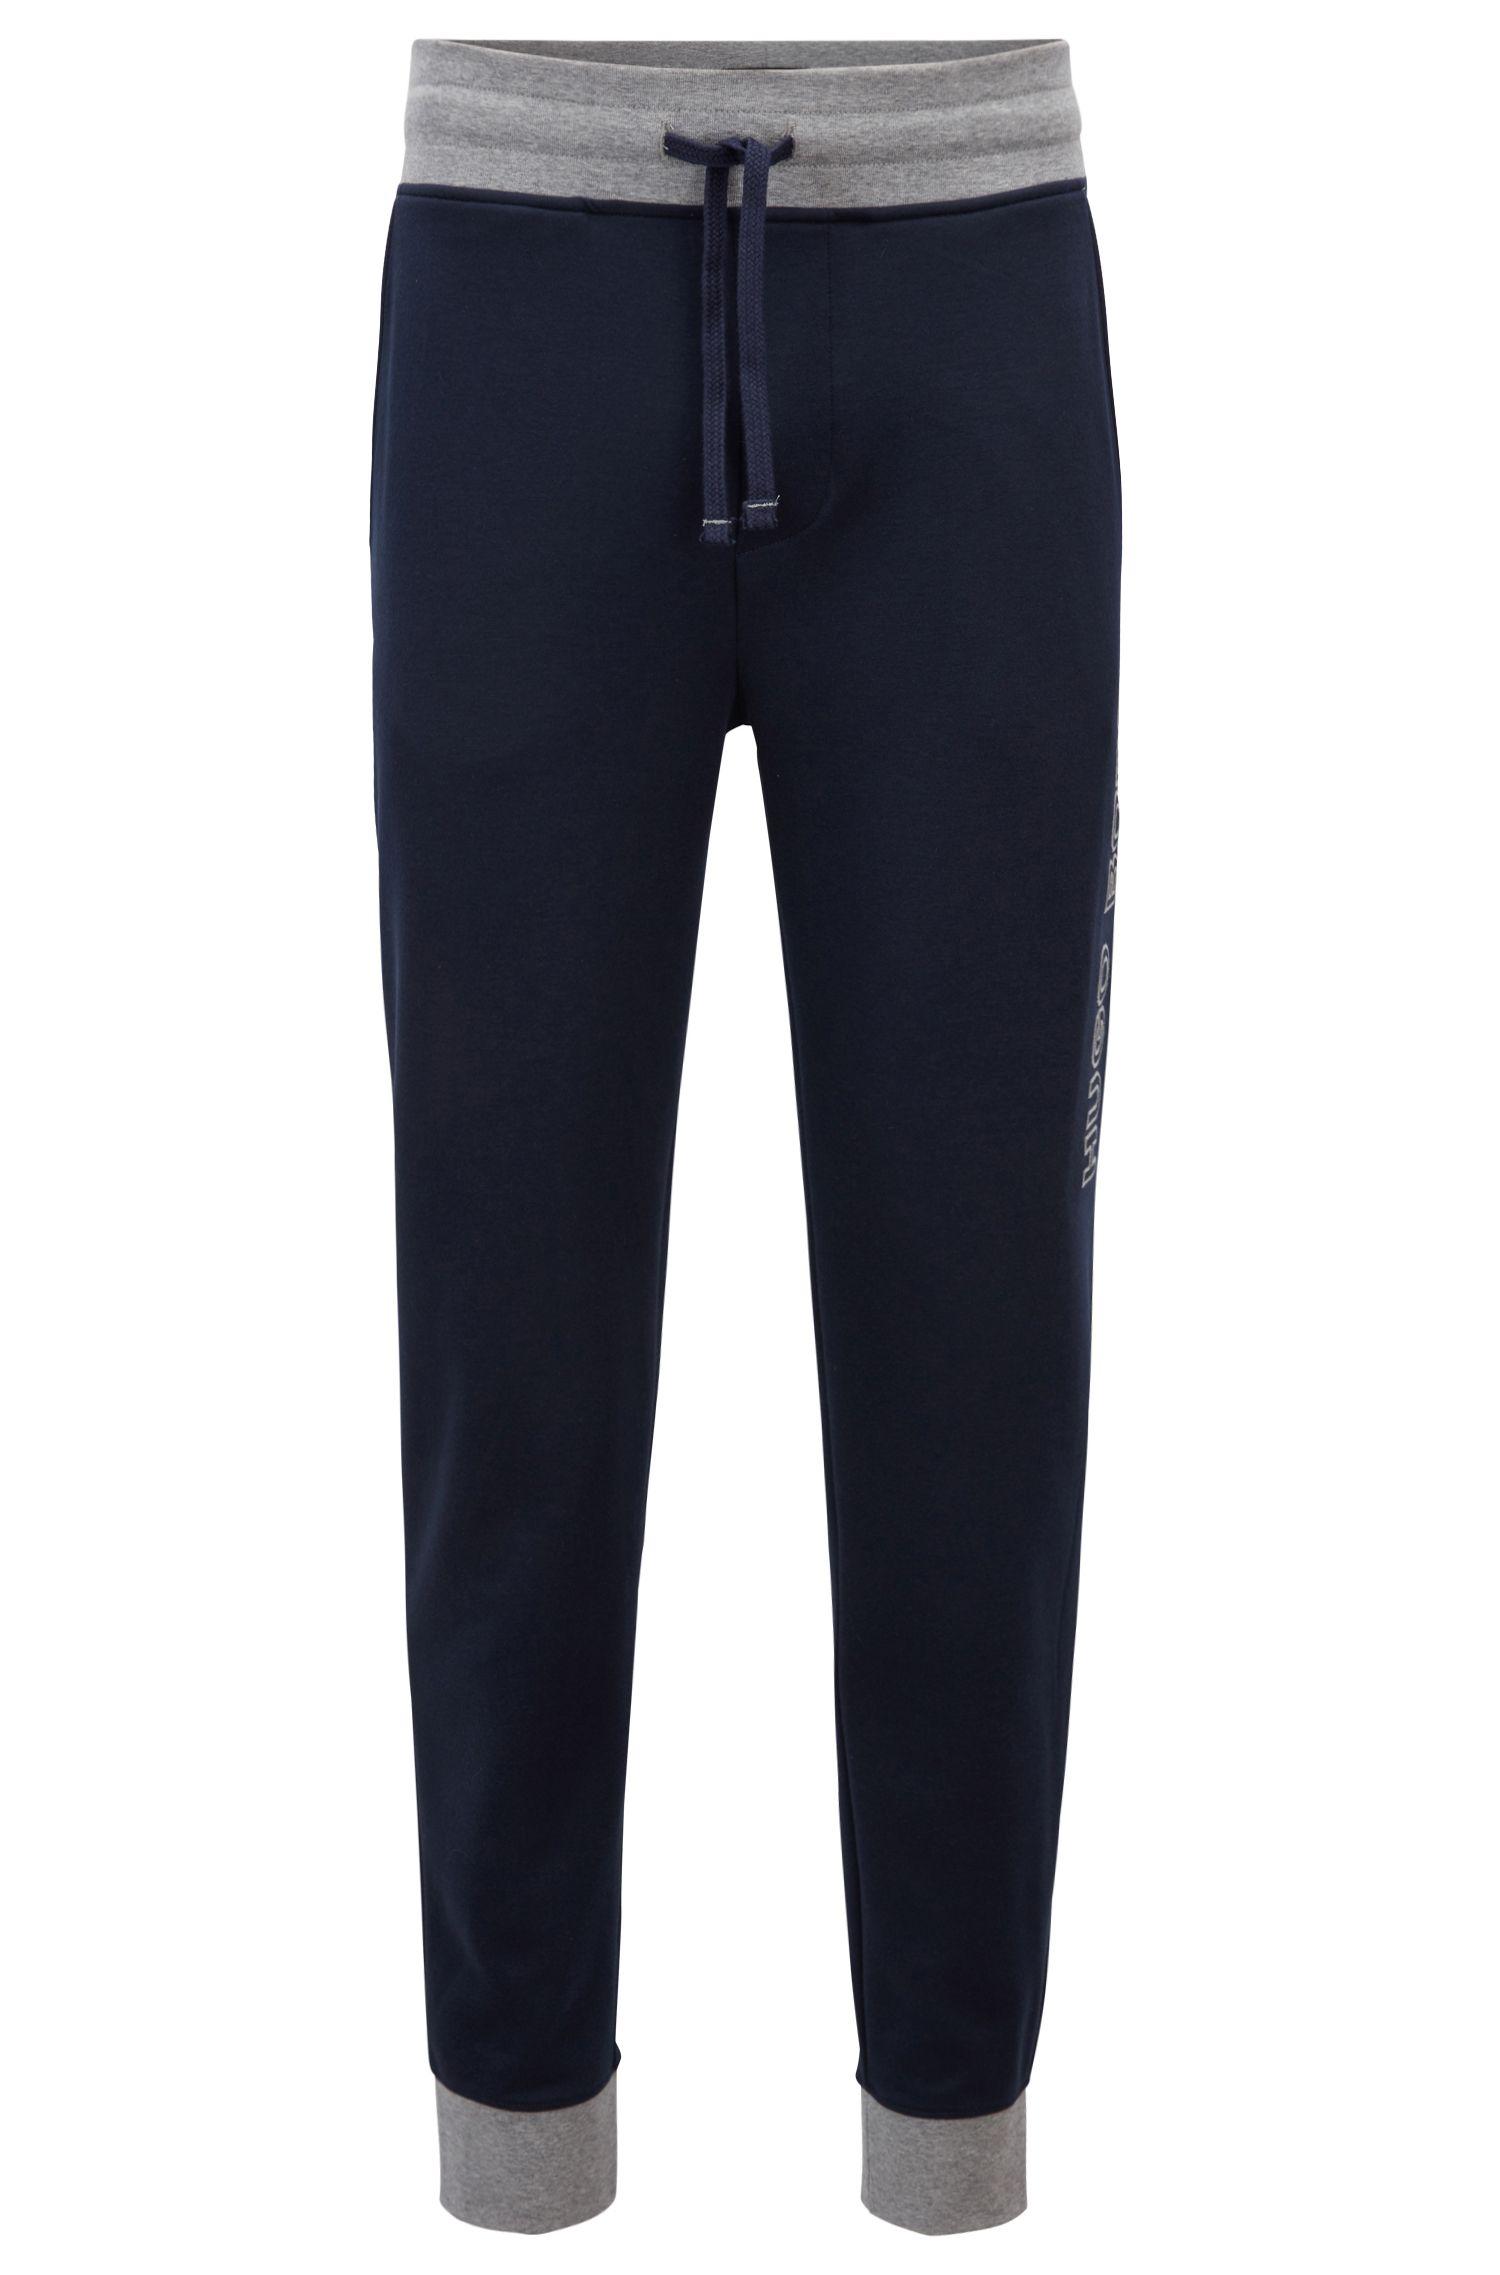 Pantaloni da jogging con fondo gamba elastico in cotone con dettagli a contrasto, Blu scuro